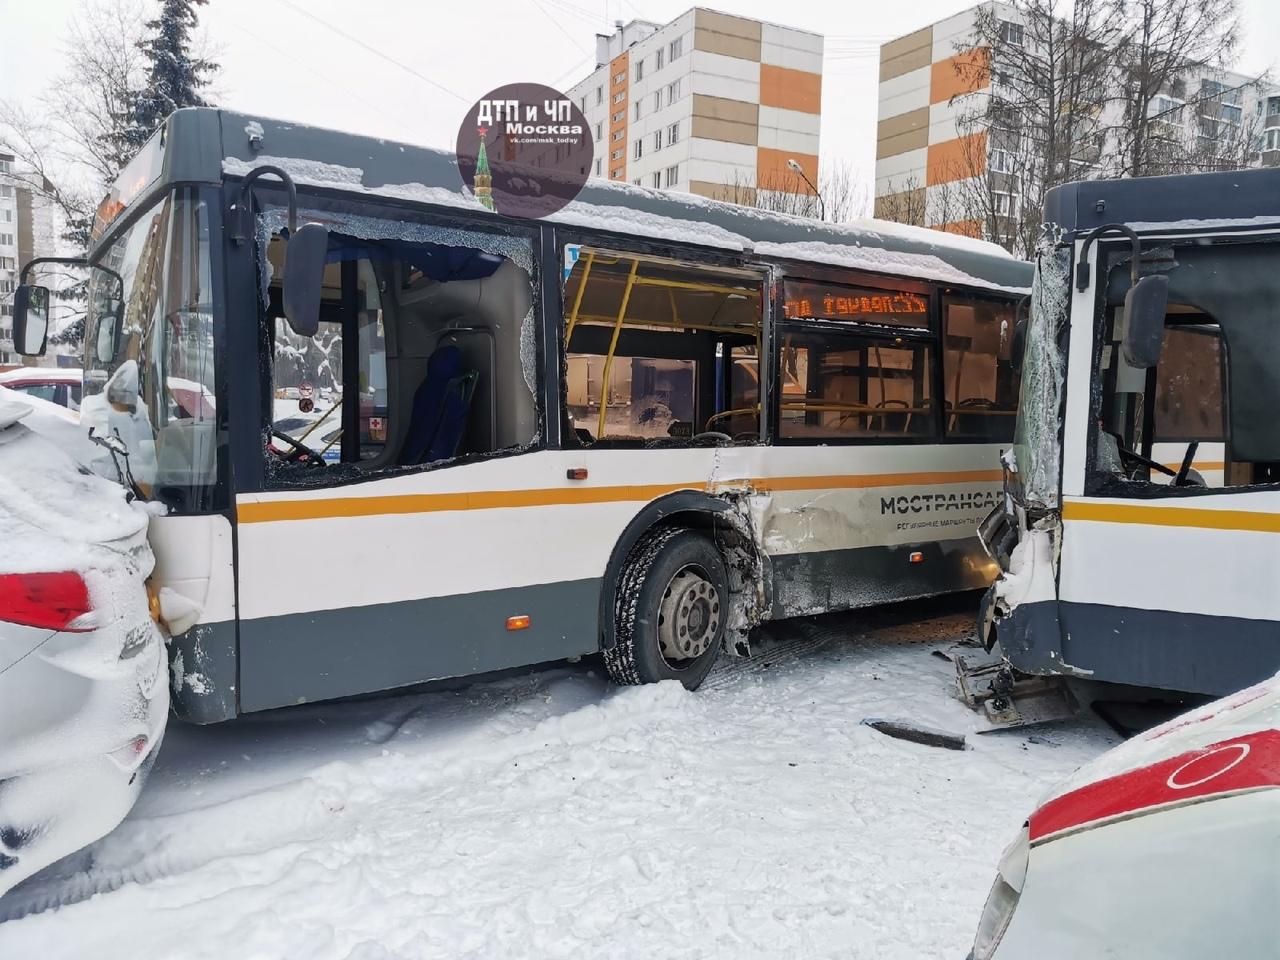 Ивантеевка. Из-за нечищеных дорог столкнулись 2 автобуса. Дорога перекрыта для автобусов 316, 40, 22...